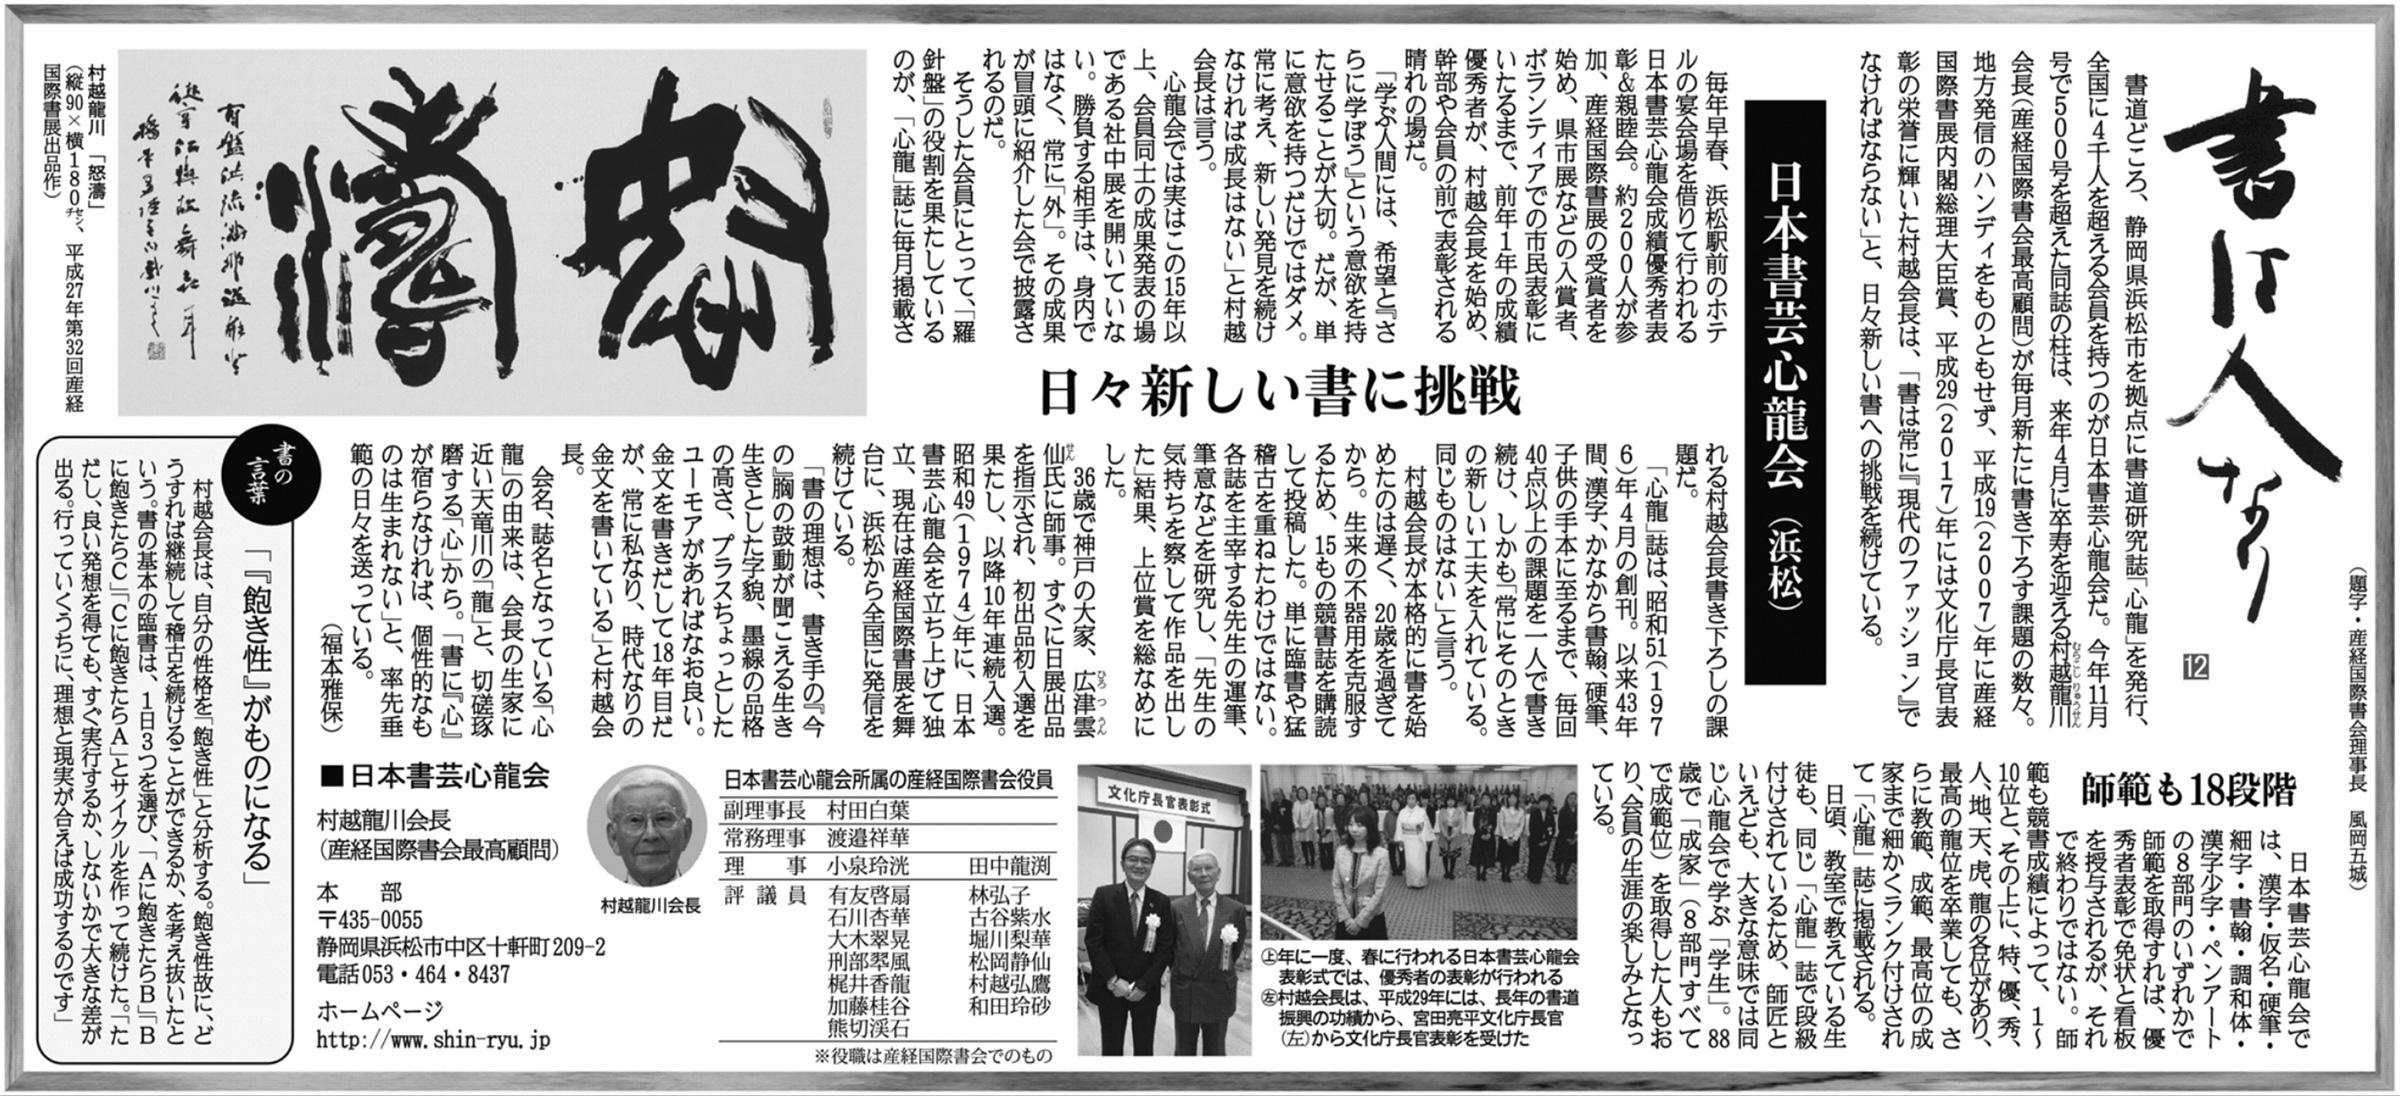 日本書芸心龍会